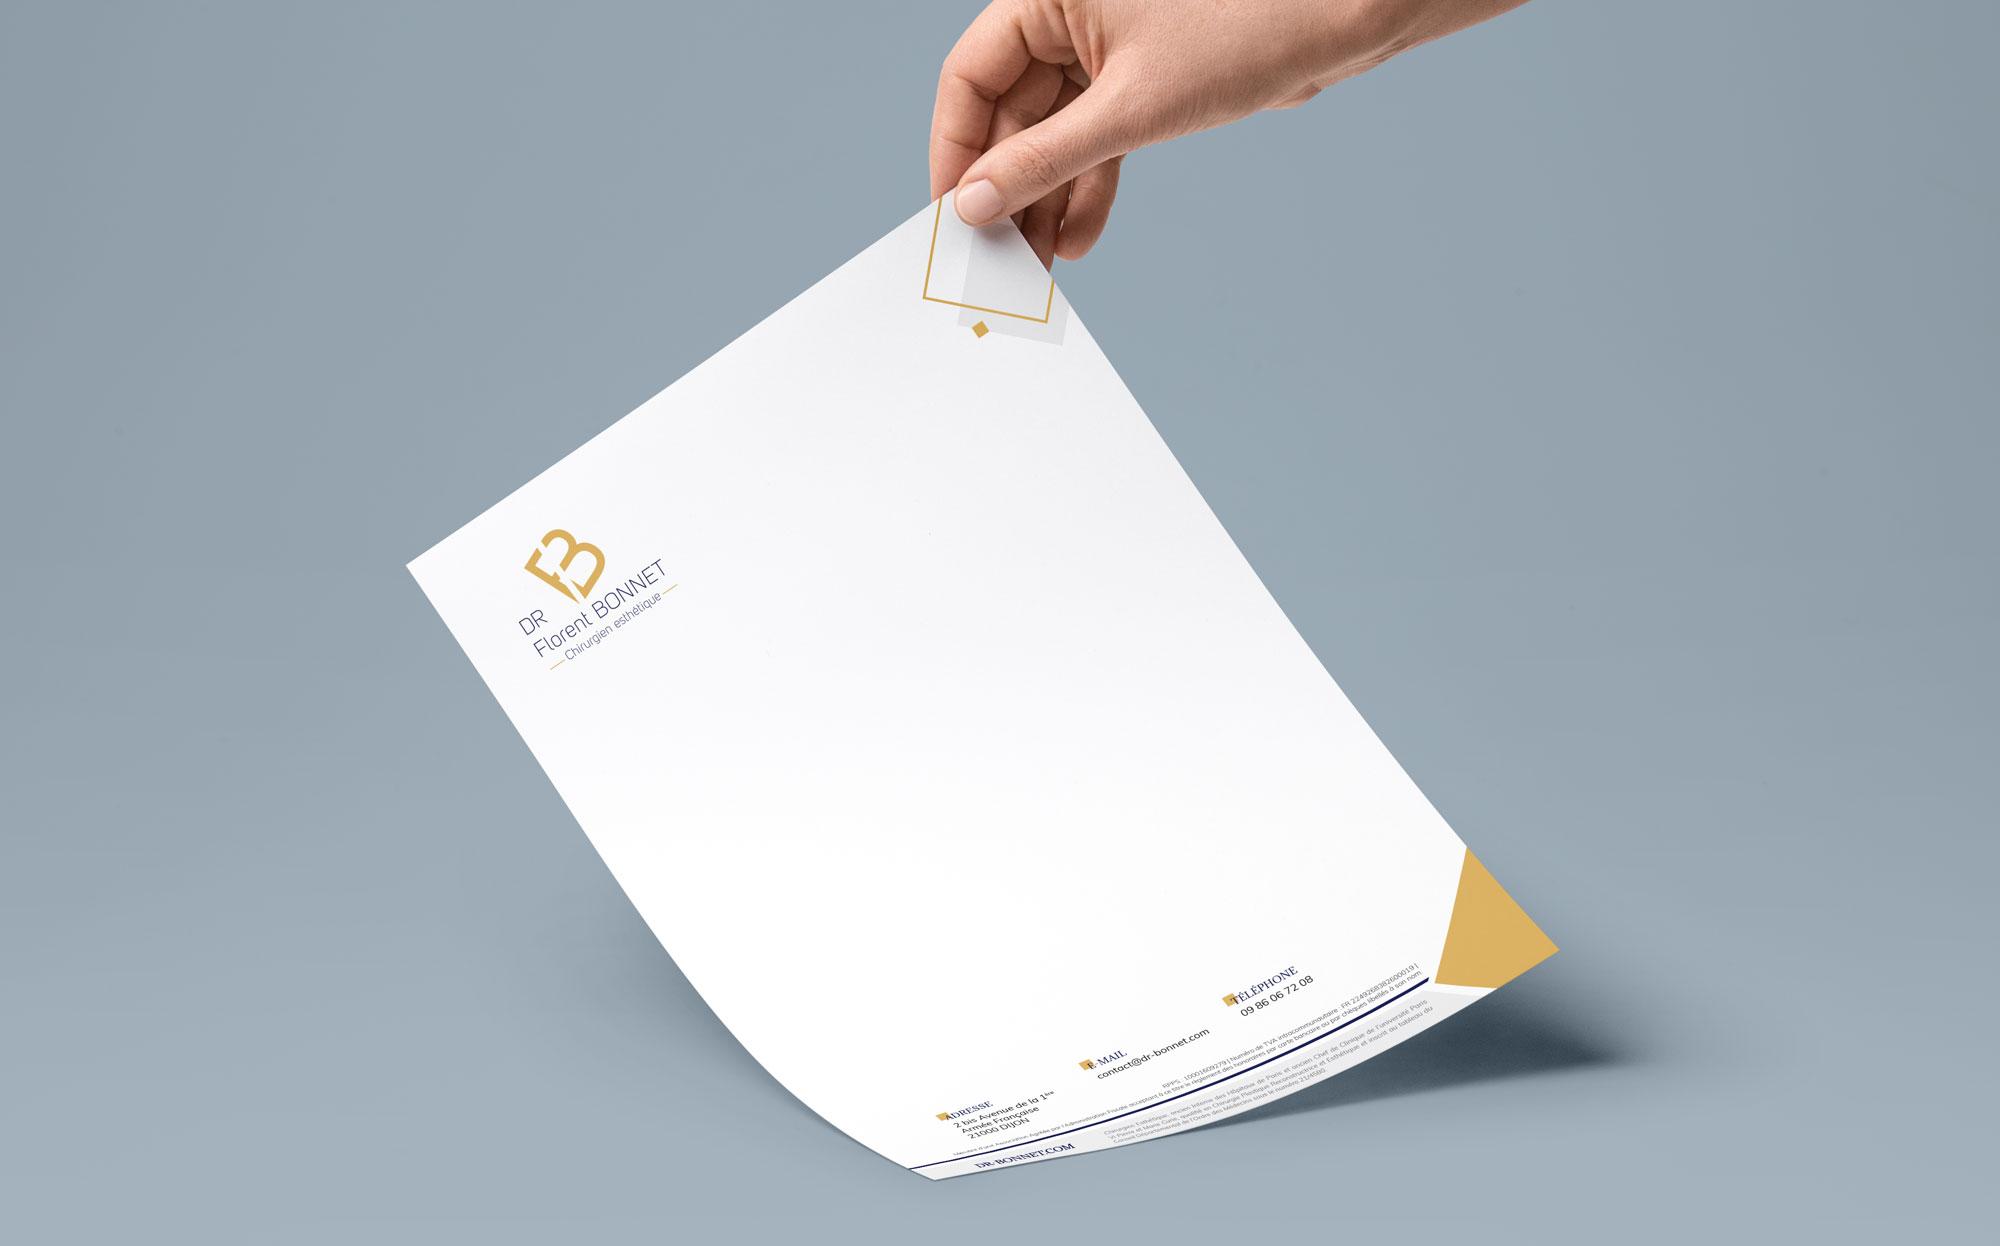 eclolink-agence-web-marketing-dijon-reference-client-dr-bonnet-mockup-a4-papier-en-tete